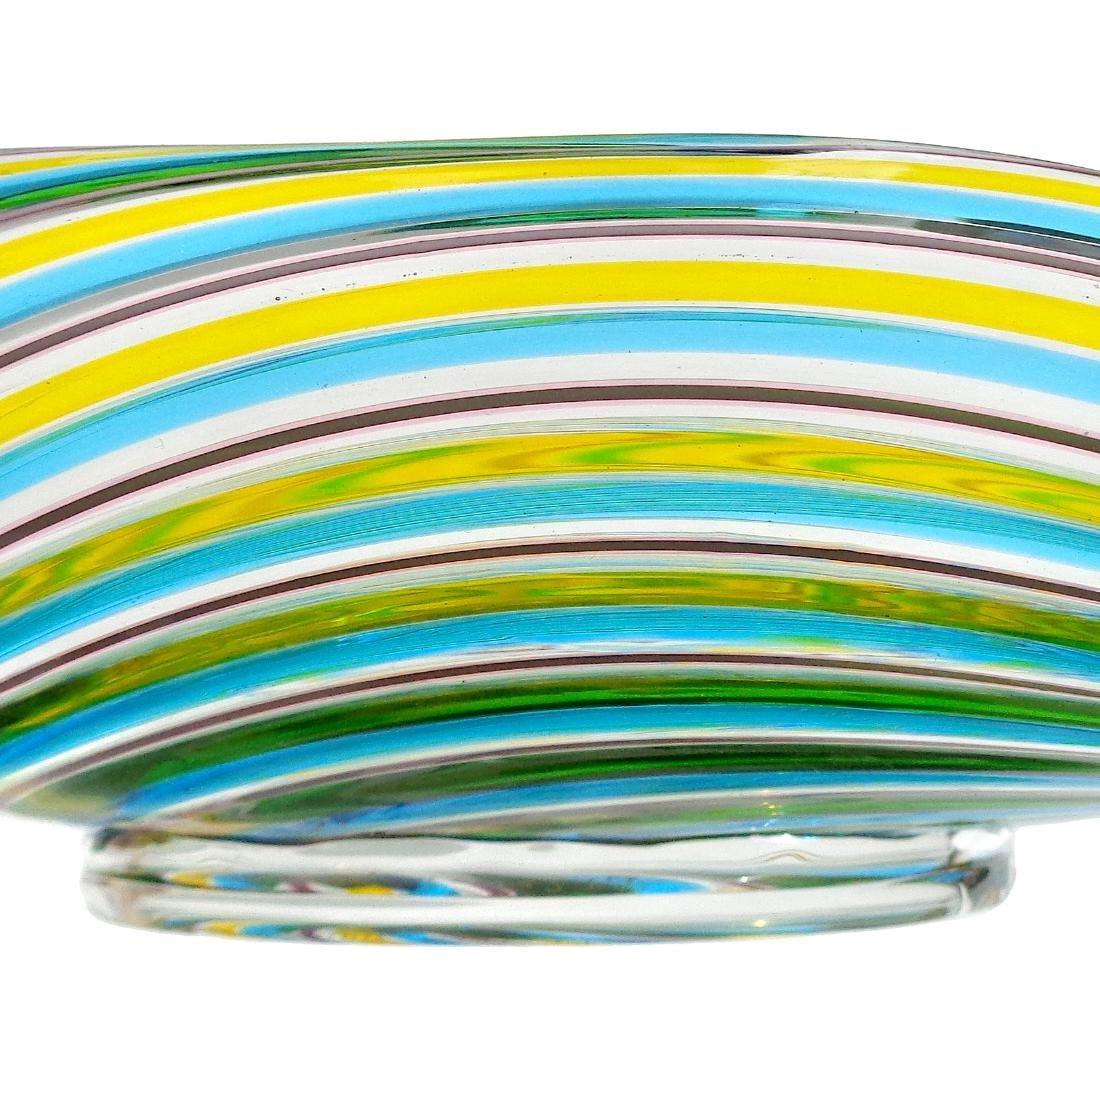 Pauly Venezia Murano Swirl Ribbons Art Glass Bowl - 4